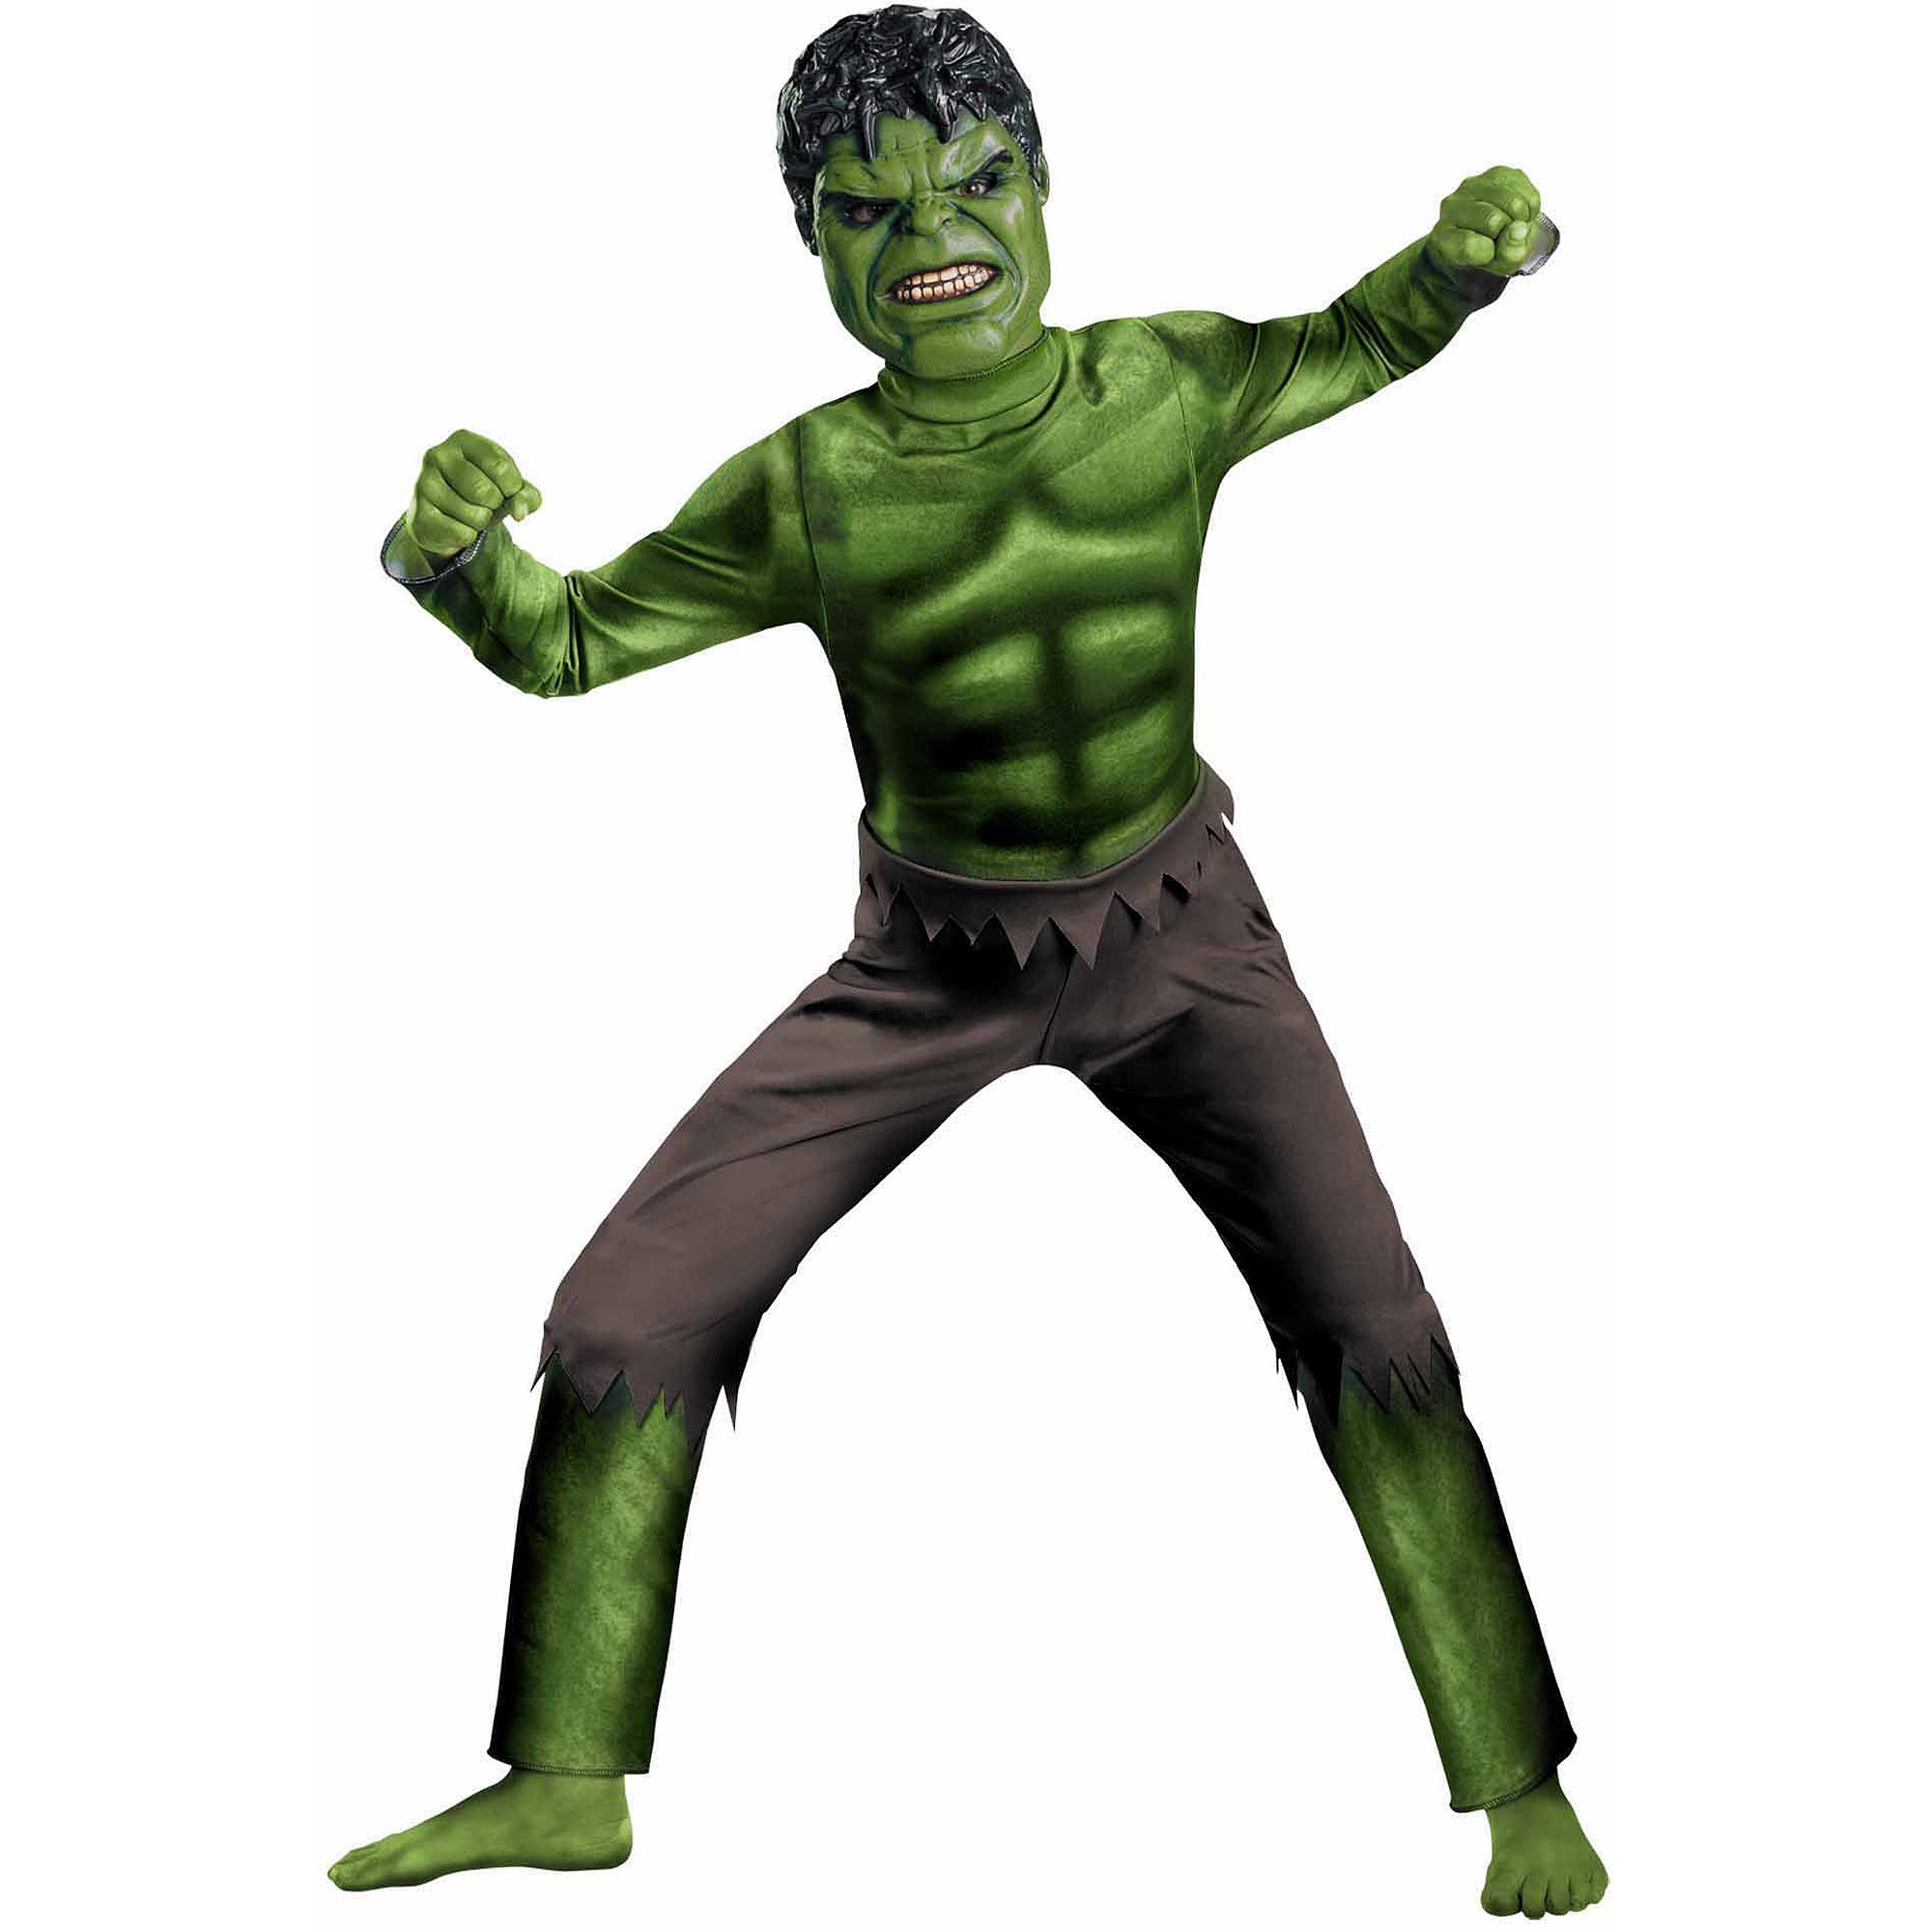 Hulk Avengers Child Halloween Costume